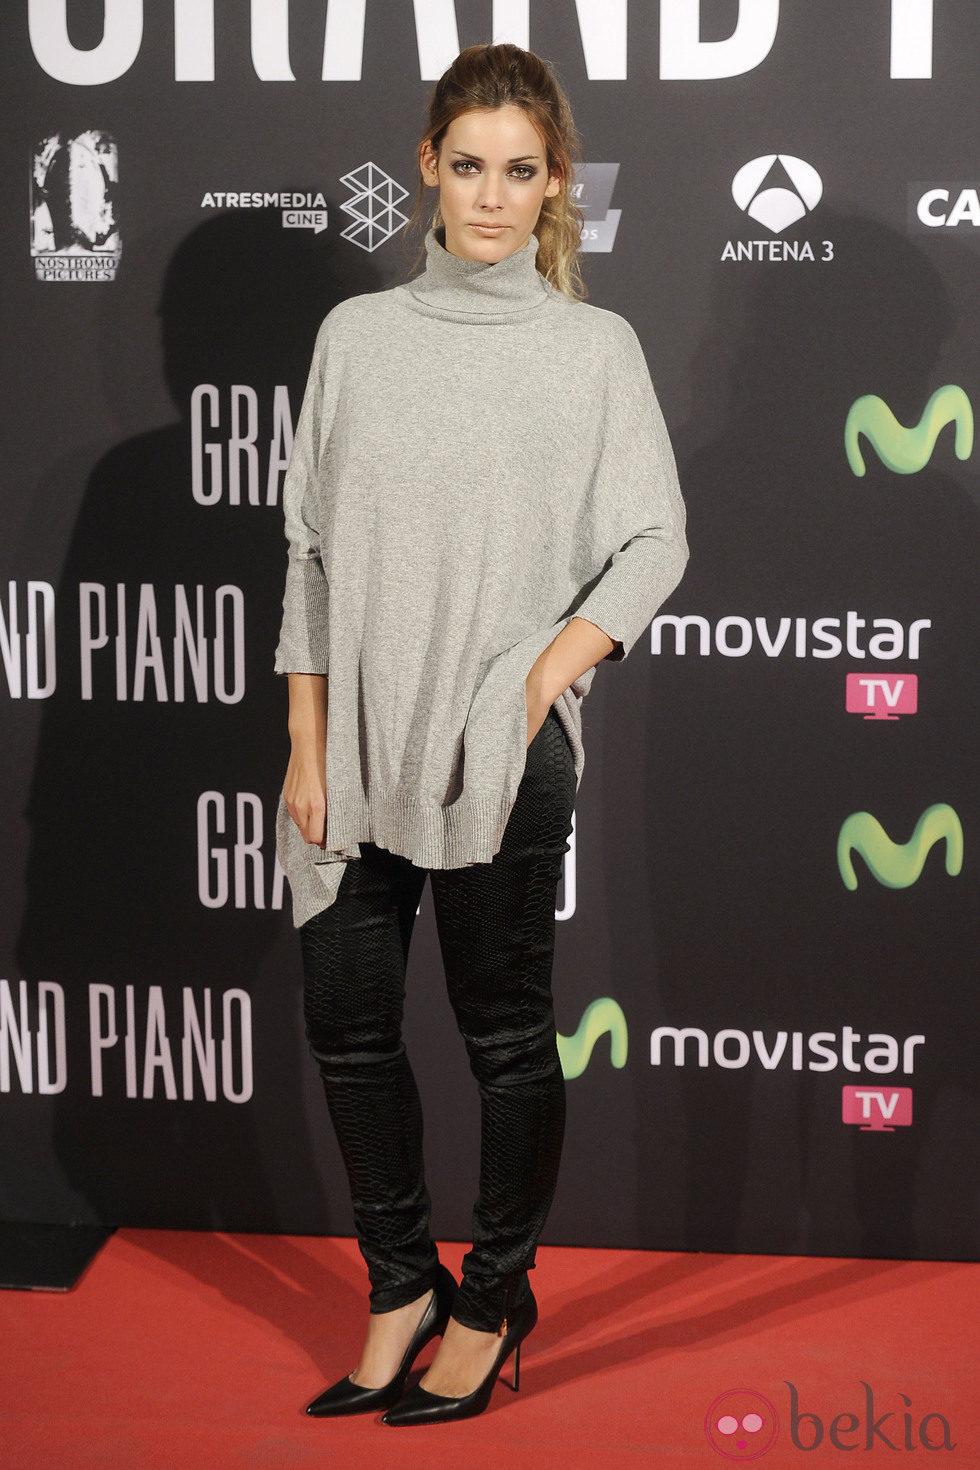 Anterior Alejandra Onieva en el estreno de 'Grand Piano' en Madrid